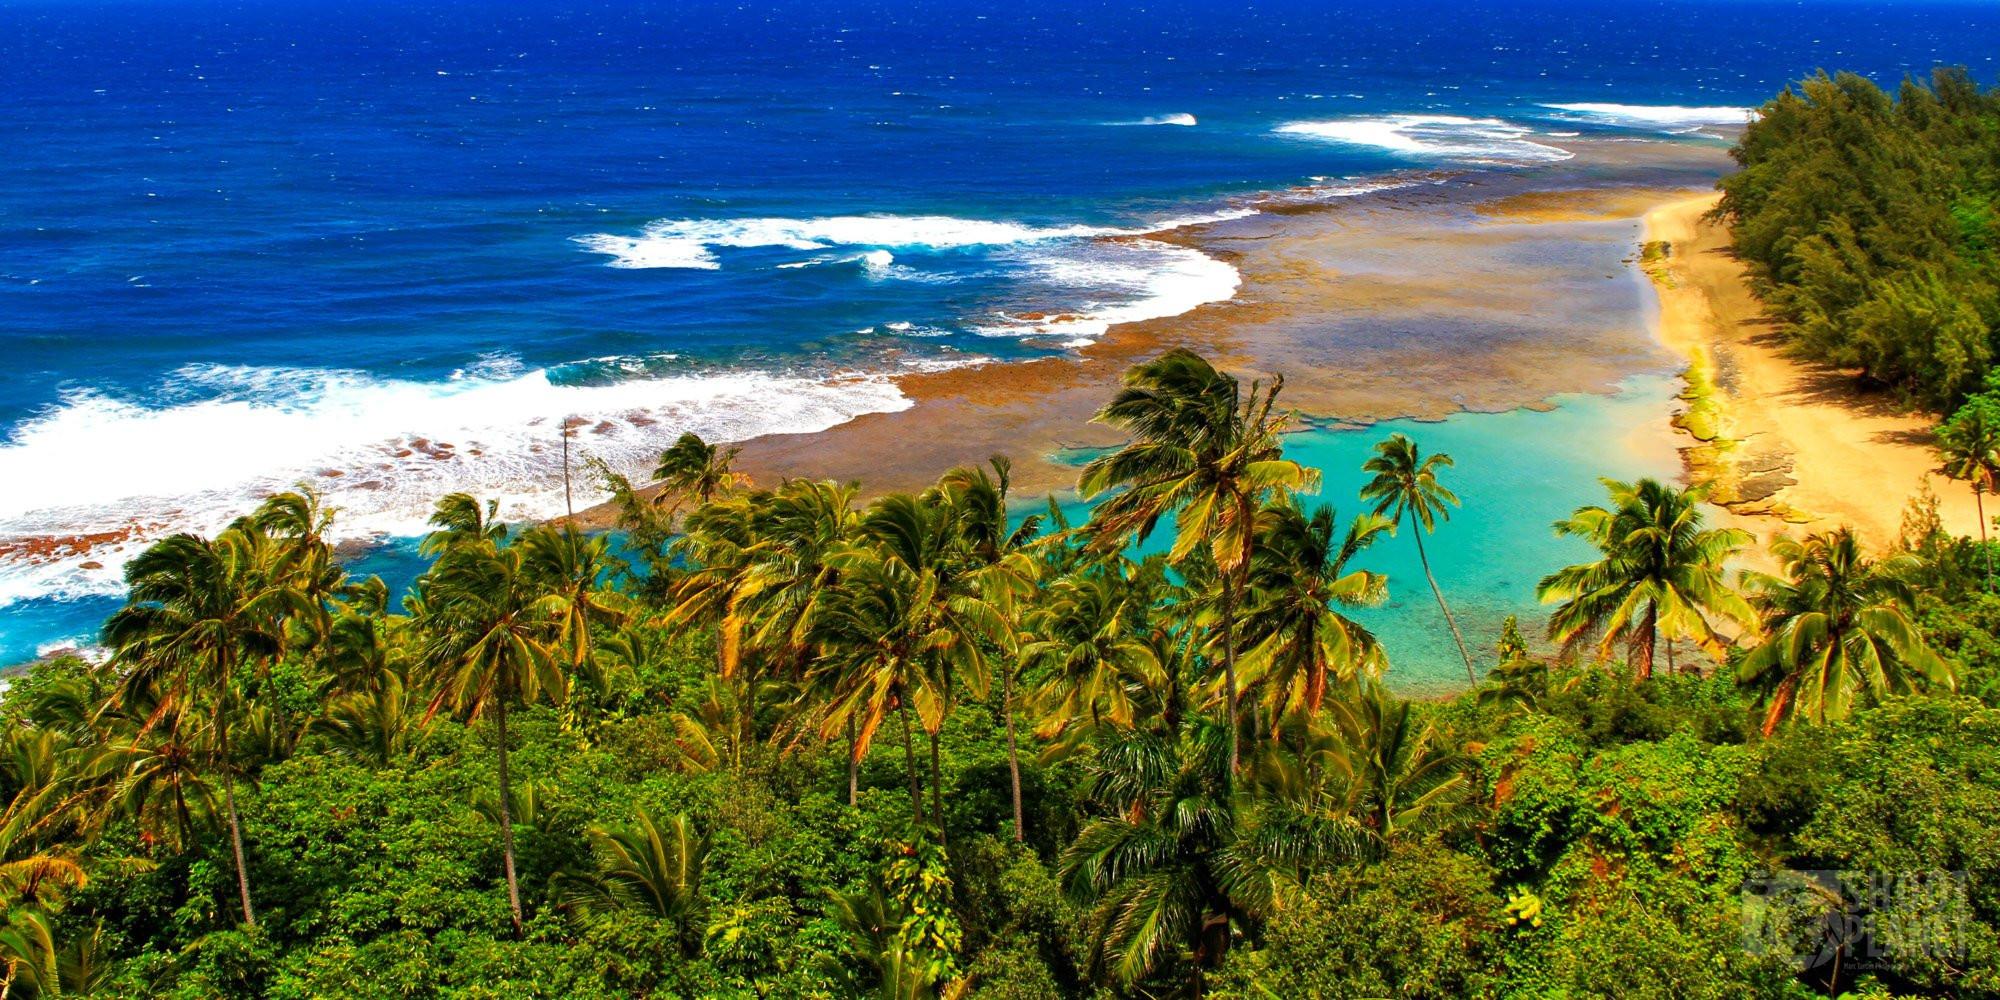 Kee Beach in Kauai Island, Hawaii